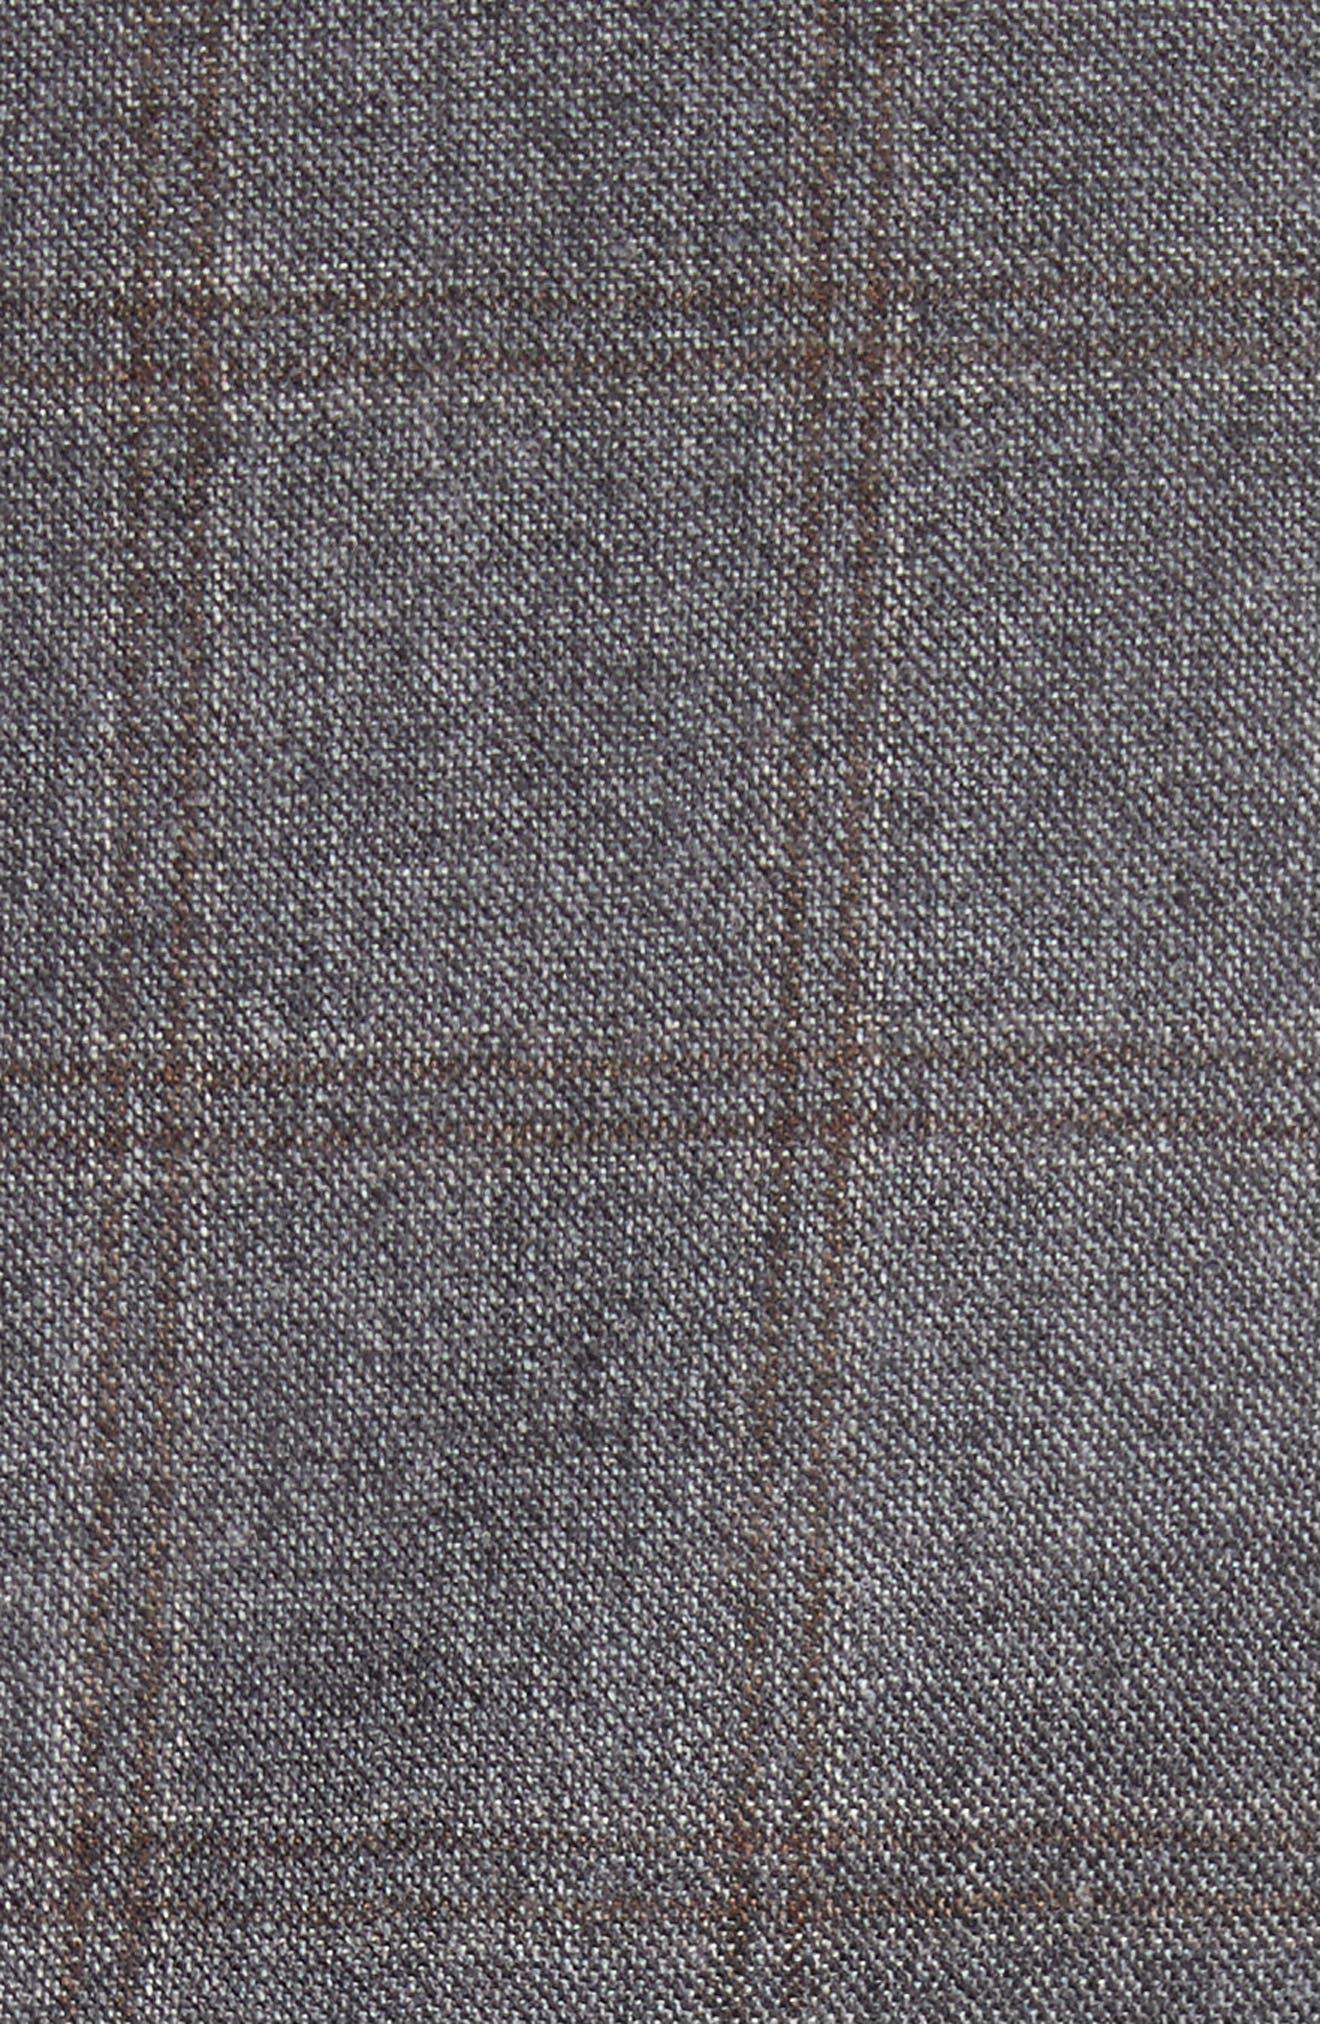 Classic Fit Plaid Wool Suit,                             Alternate thumbnail 7, color,                             030